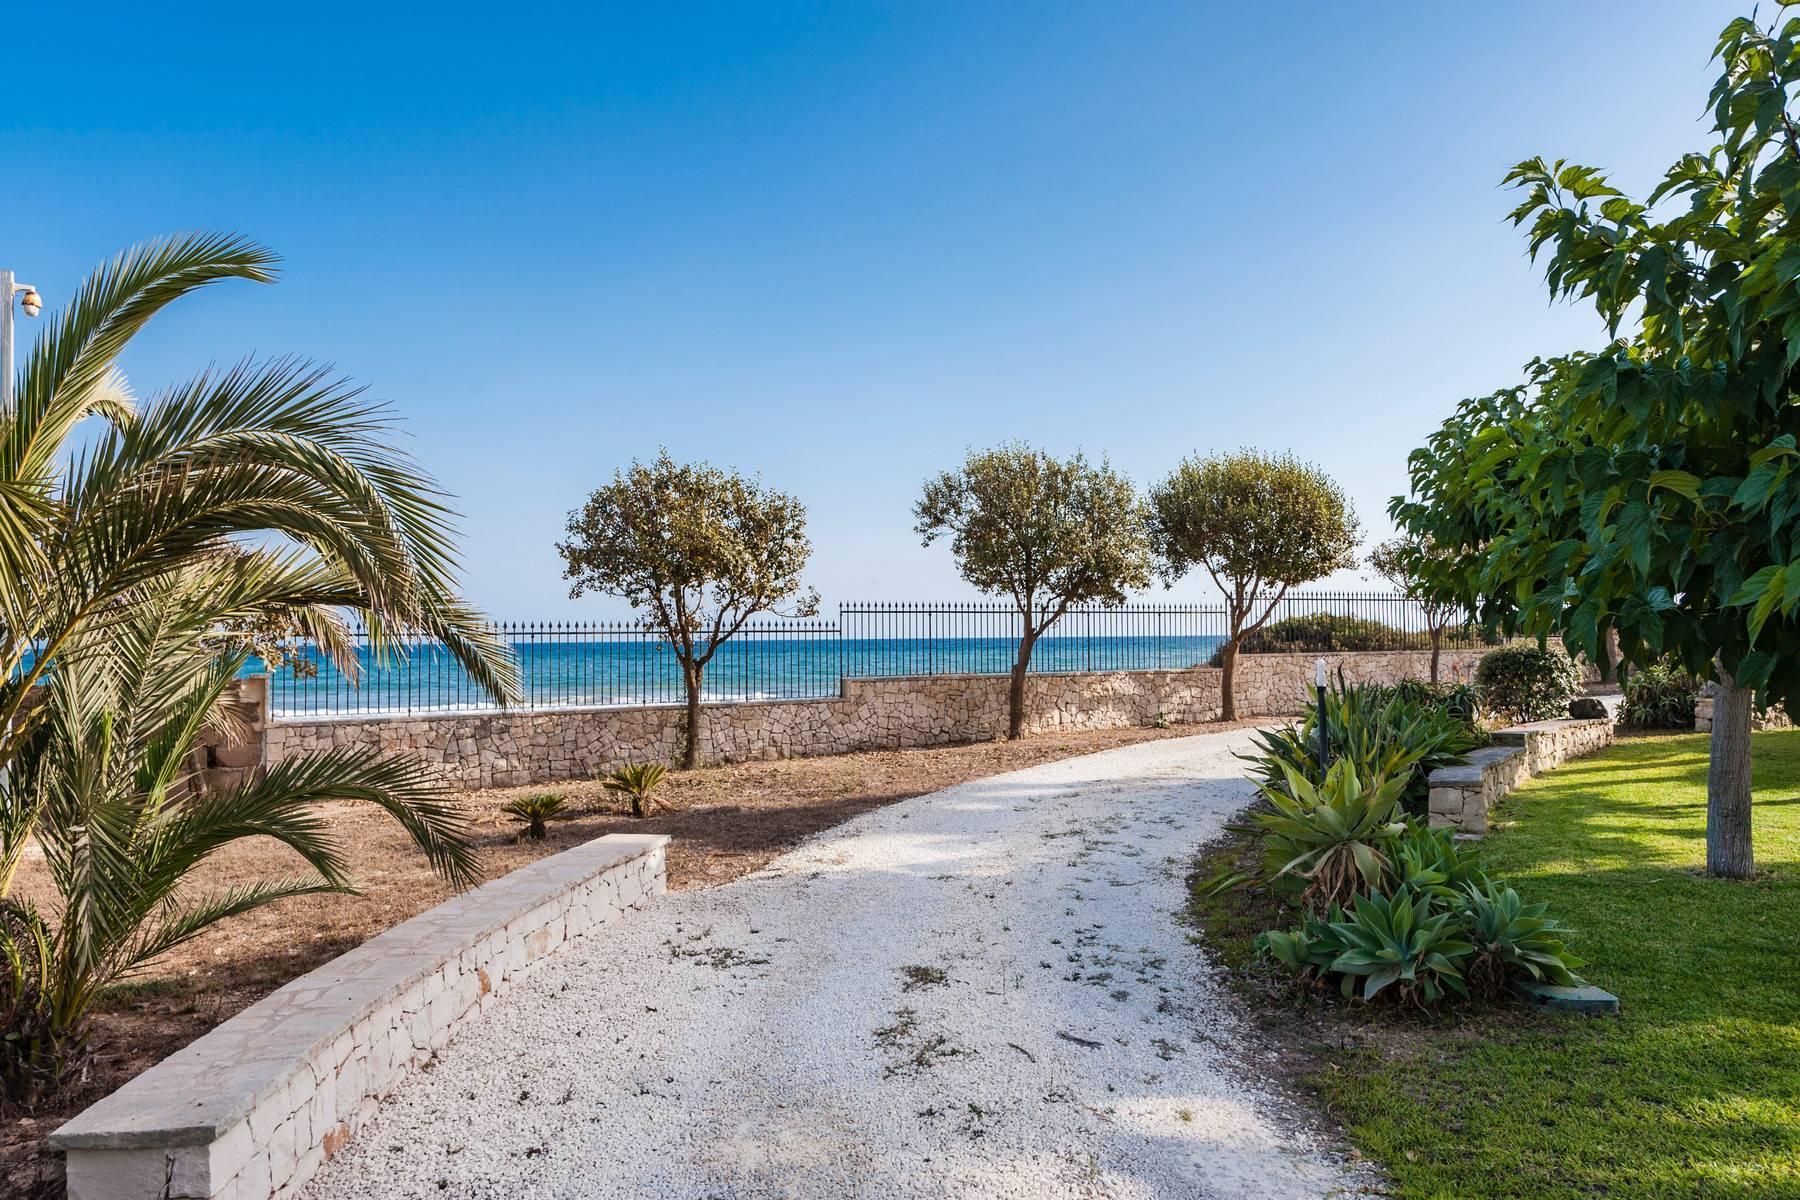 Esclusiva villa sul mare con ingresso privato in spiaggia - 4